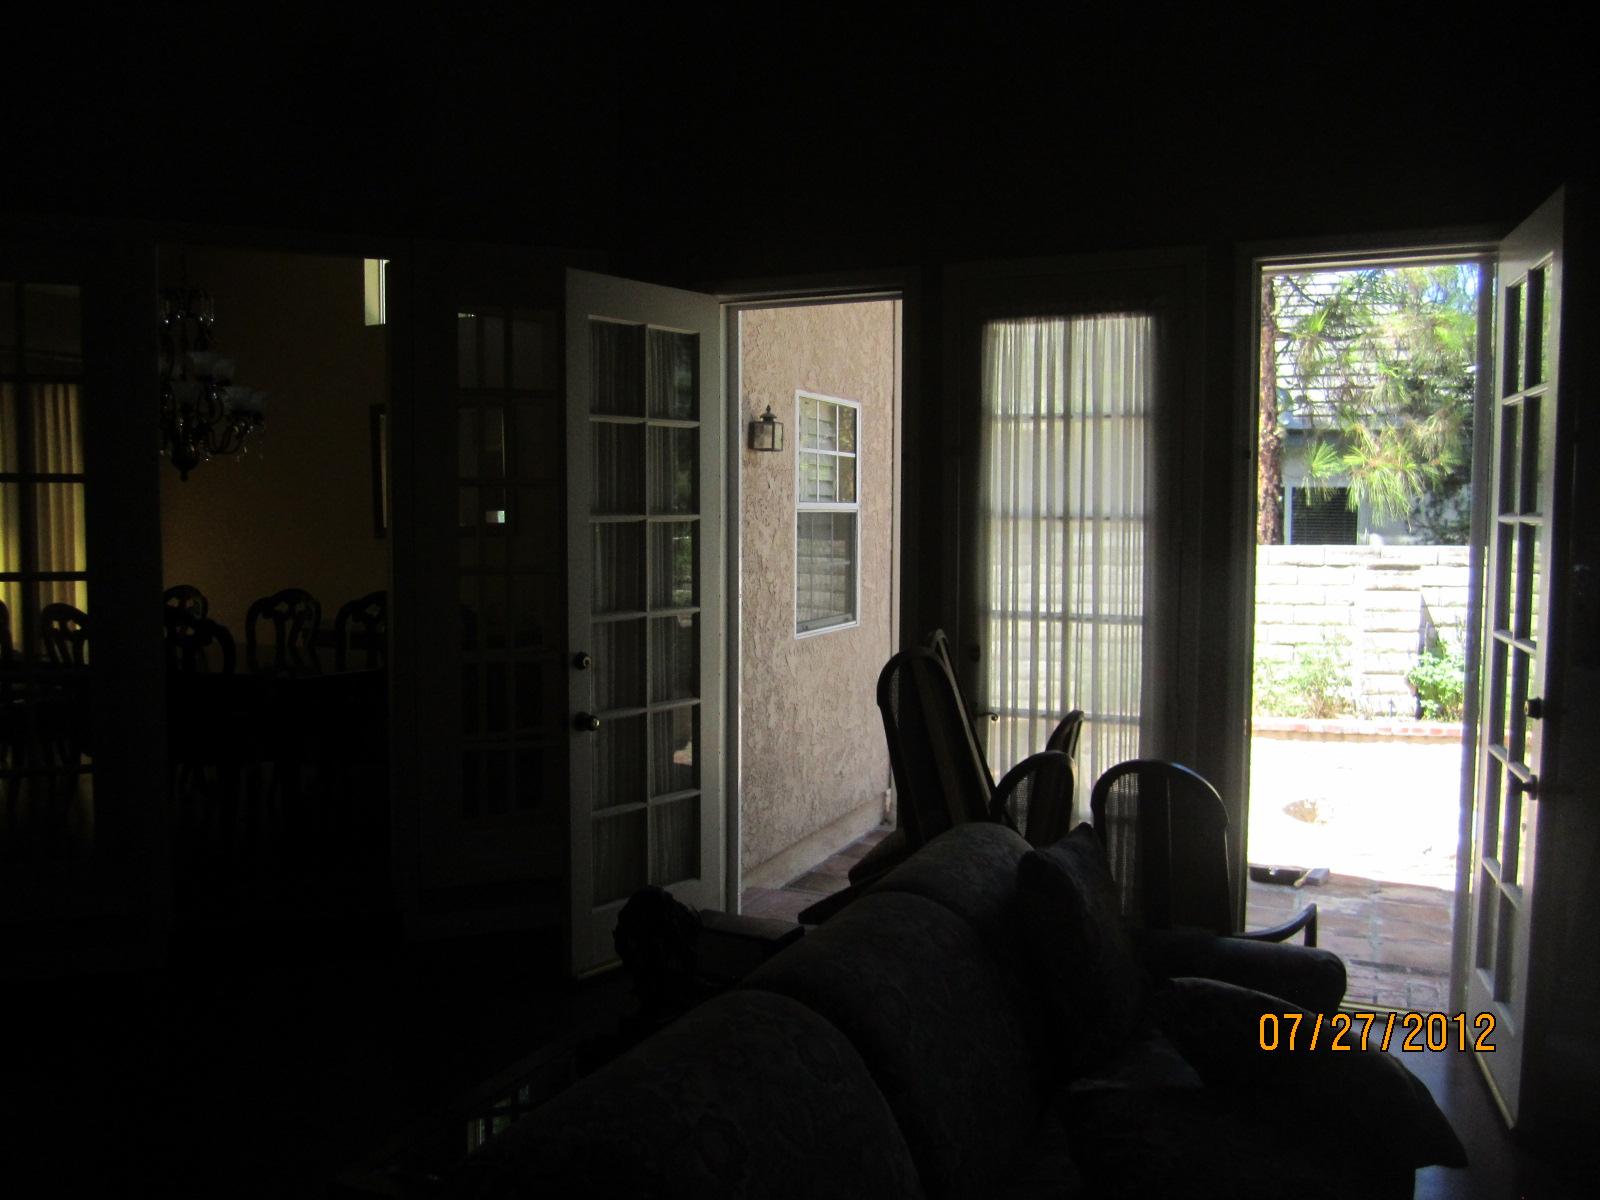 Interior View of Two Single Retractable Screen Doors Installed in Northridge